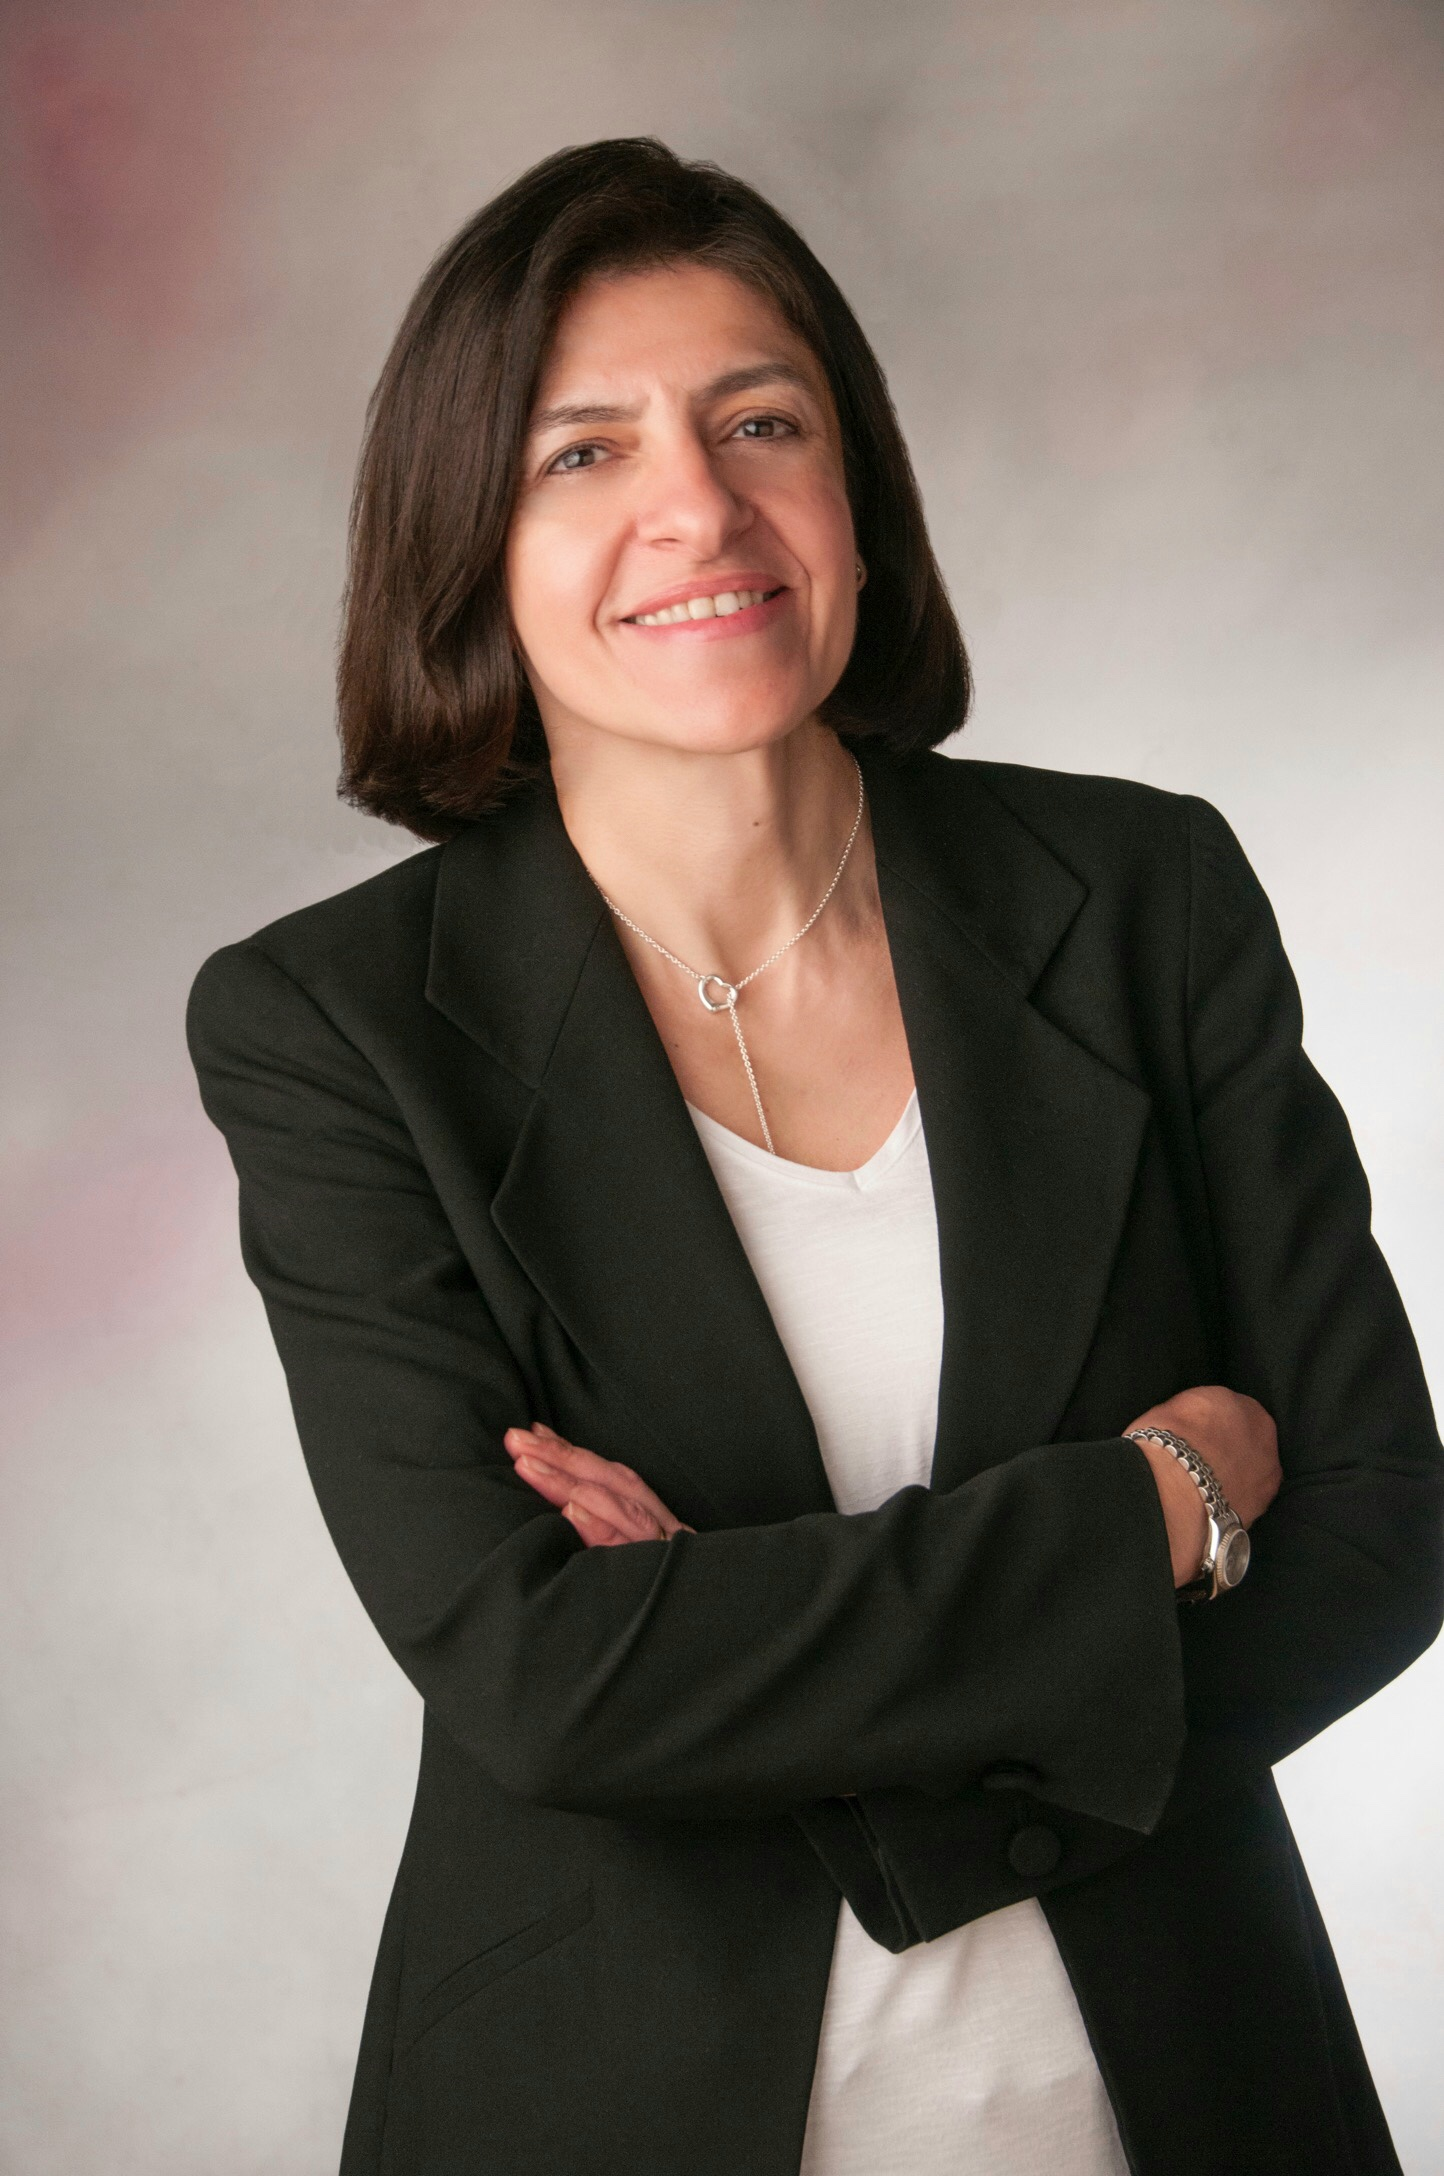 Η γυναικολόγος Μίνα Σαββίδου με σταυρωμένα χέρια